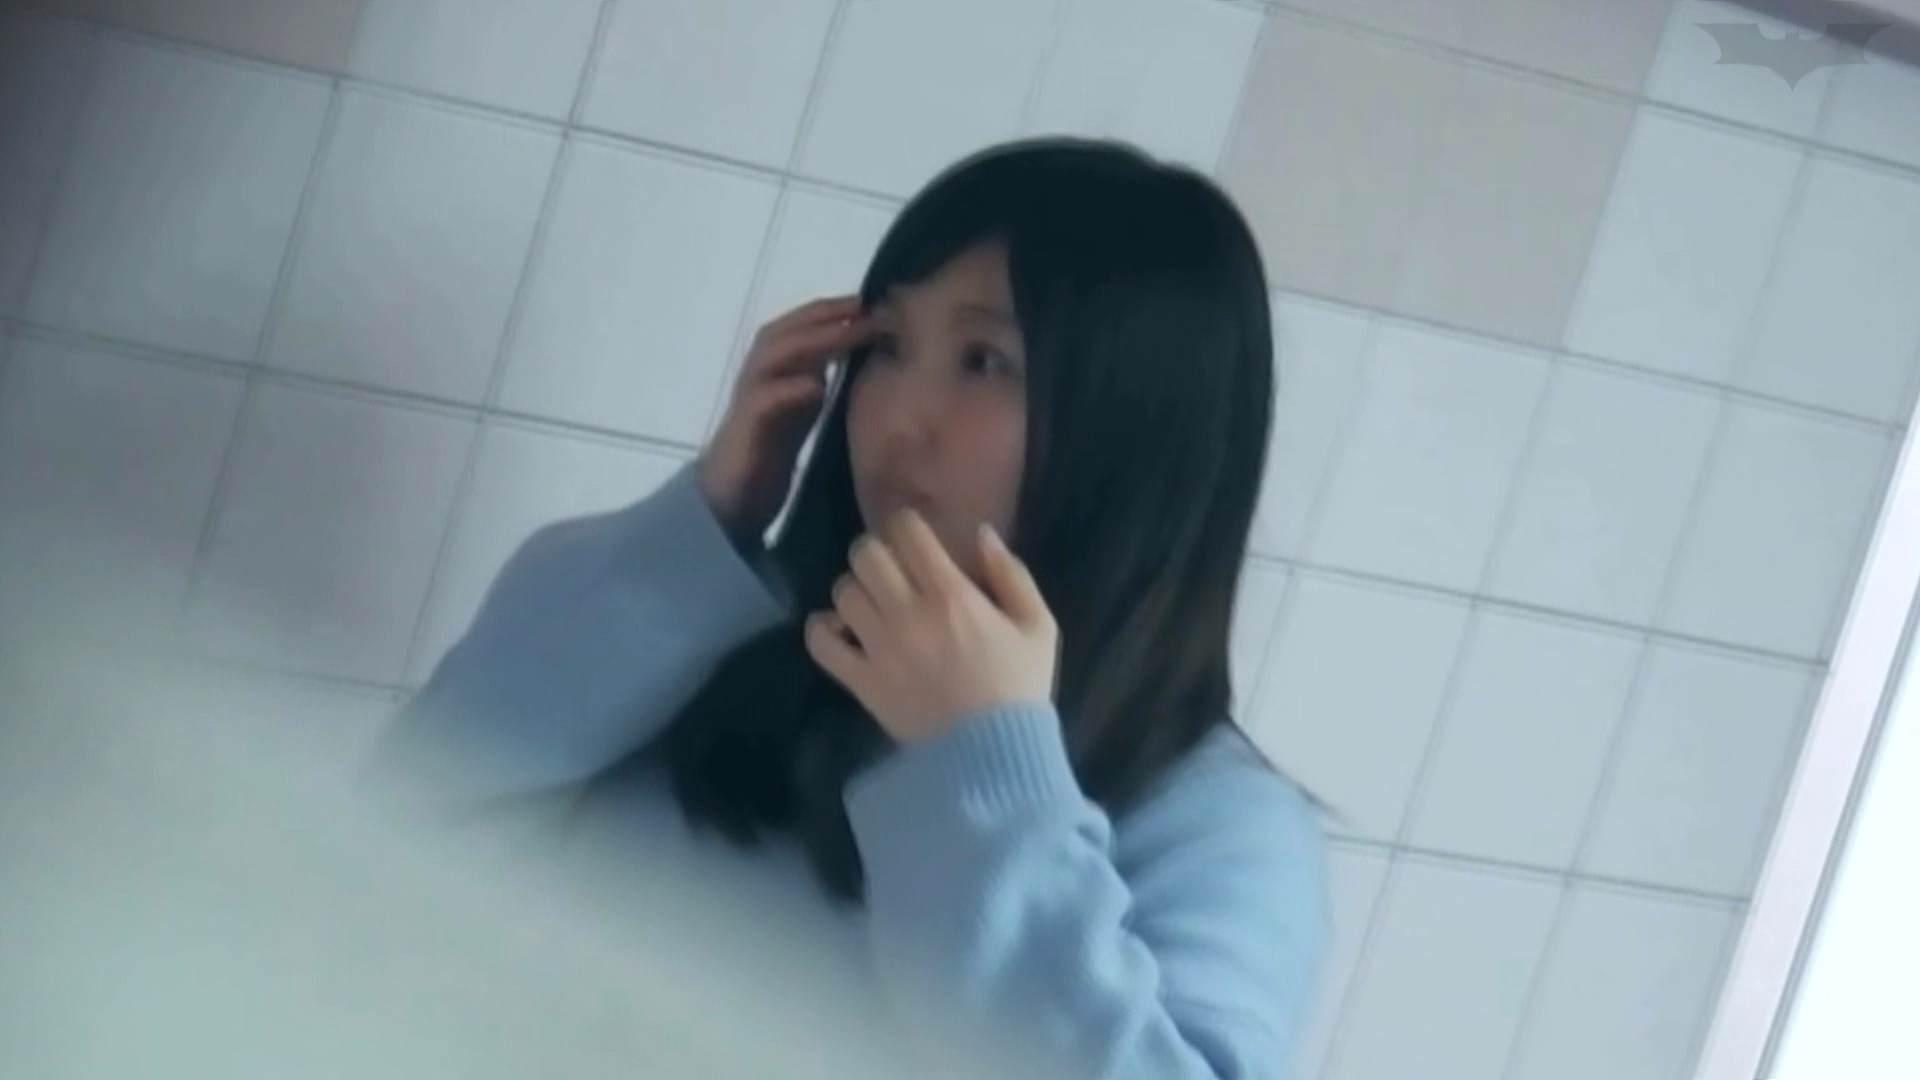 美しい日本の未来 No.09 オールフロント!【2015・21位】 盗撮  88pic 21